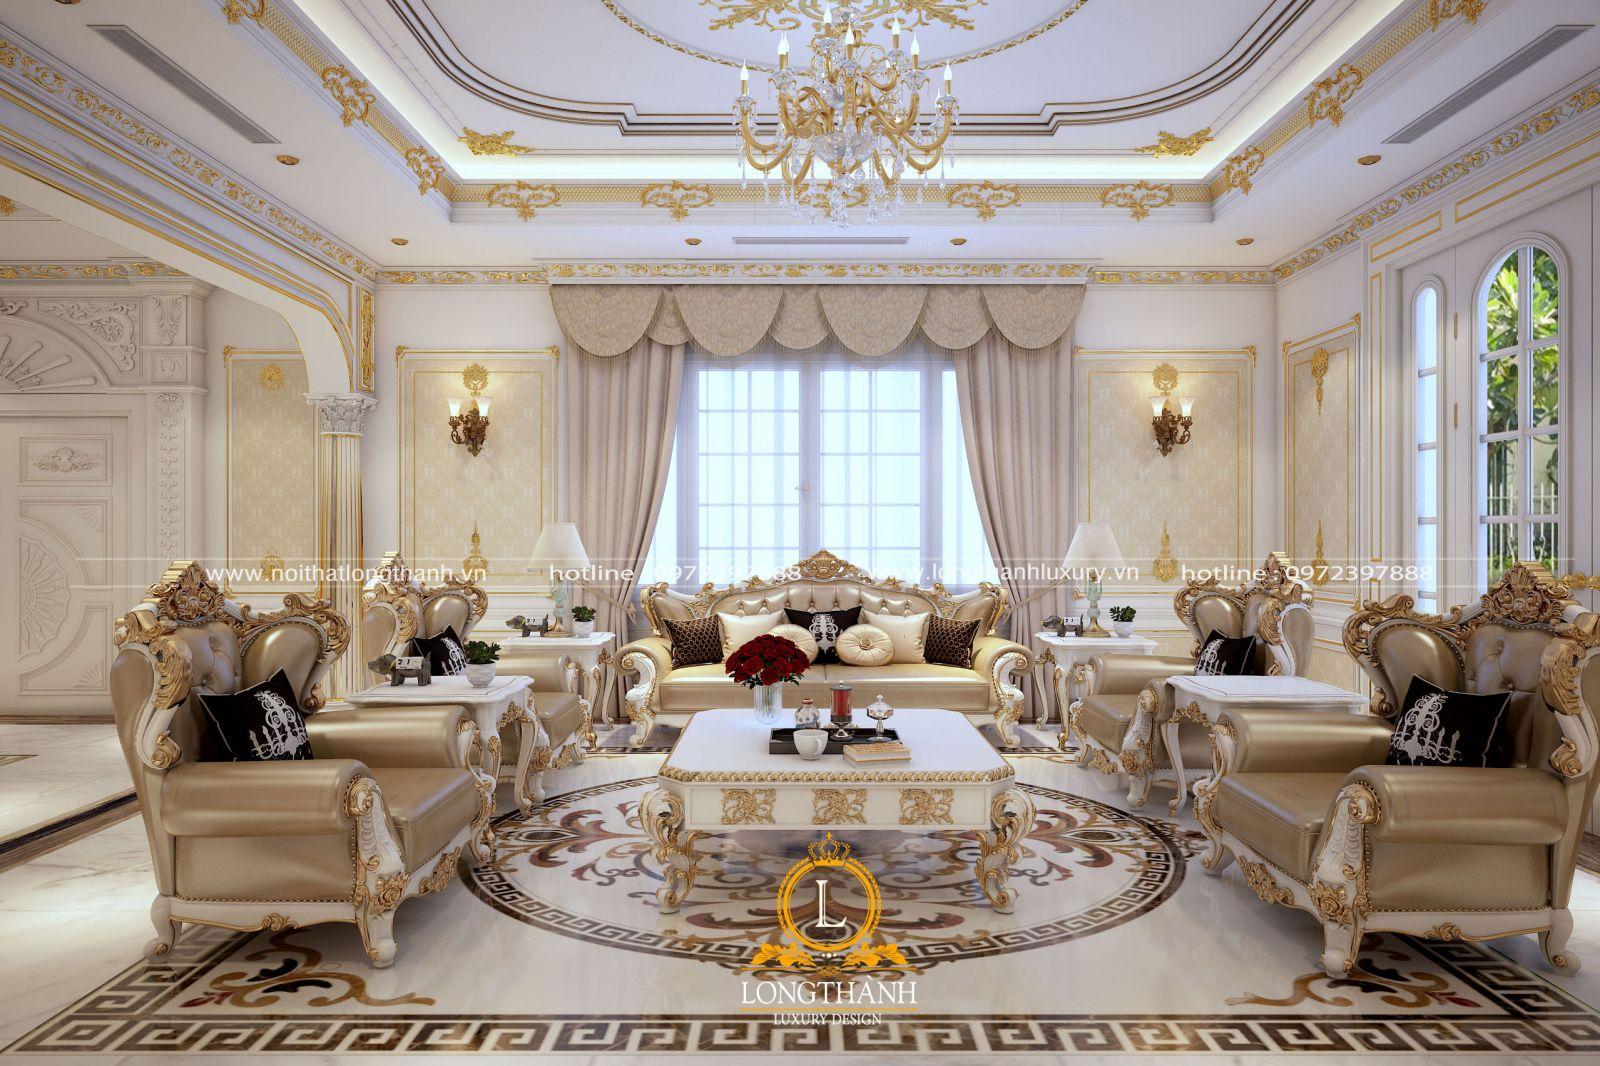 Phòng khách biệt thự lộng lẫy và bề thế với bộ sofa tân cổ điển dát vàng sang trọng